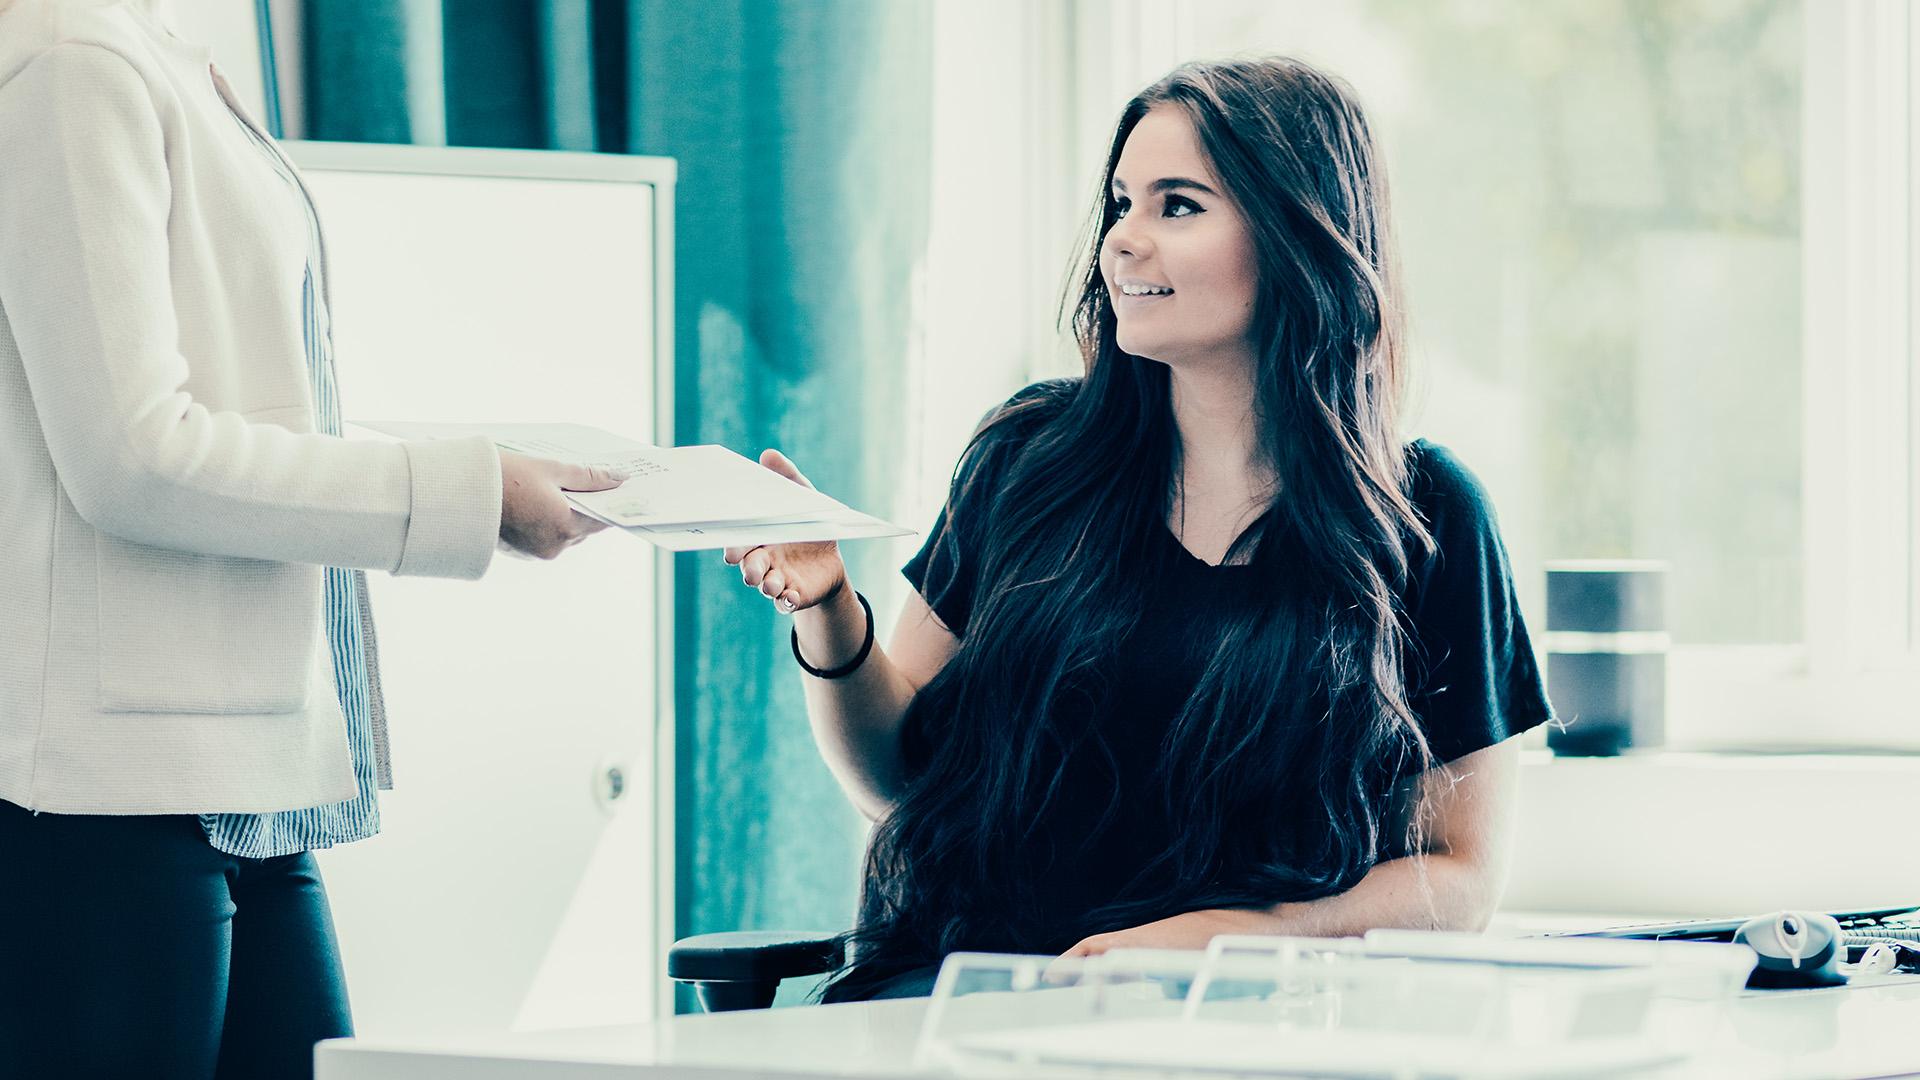 Ung kvinna på kontor tar emot papper av kollega.